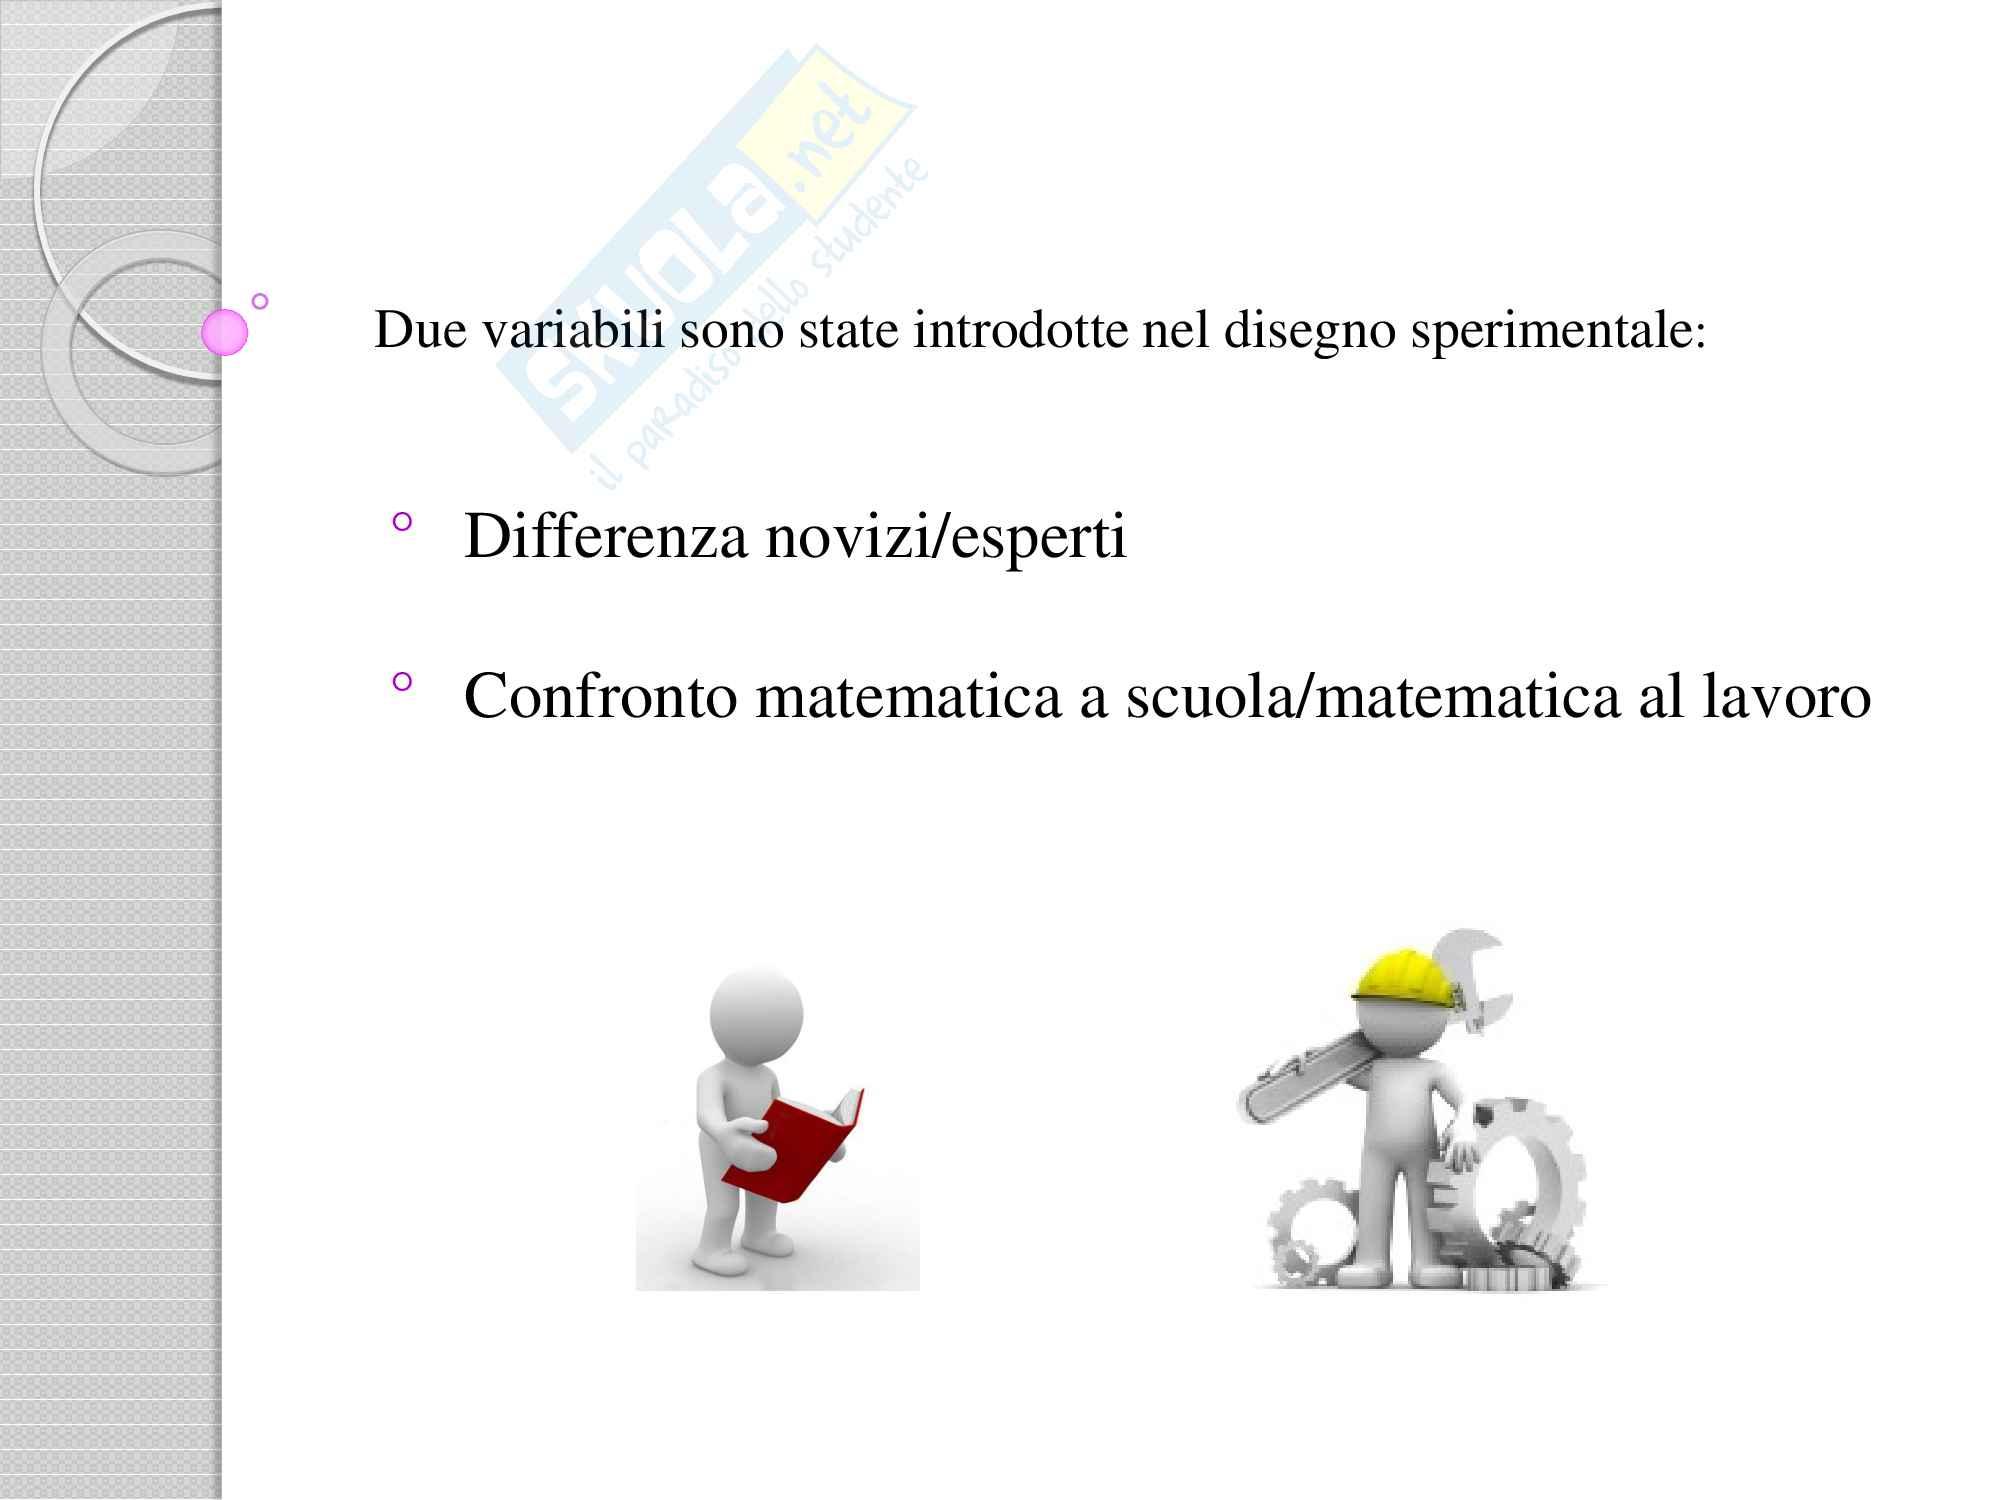 Presentazione Powerpoint per esercitazione esame Psicologia e scuola sullo studio del'intelligenza al lavoro Pag. 11